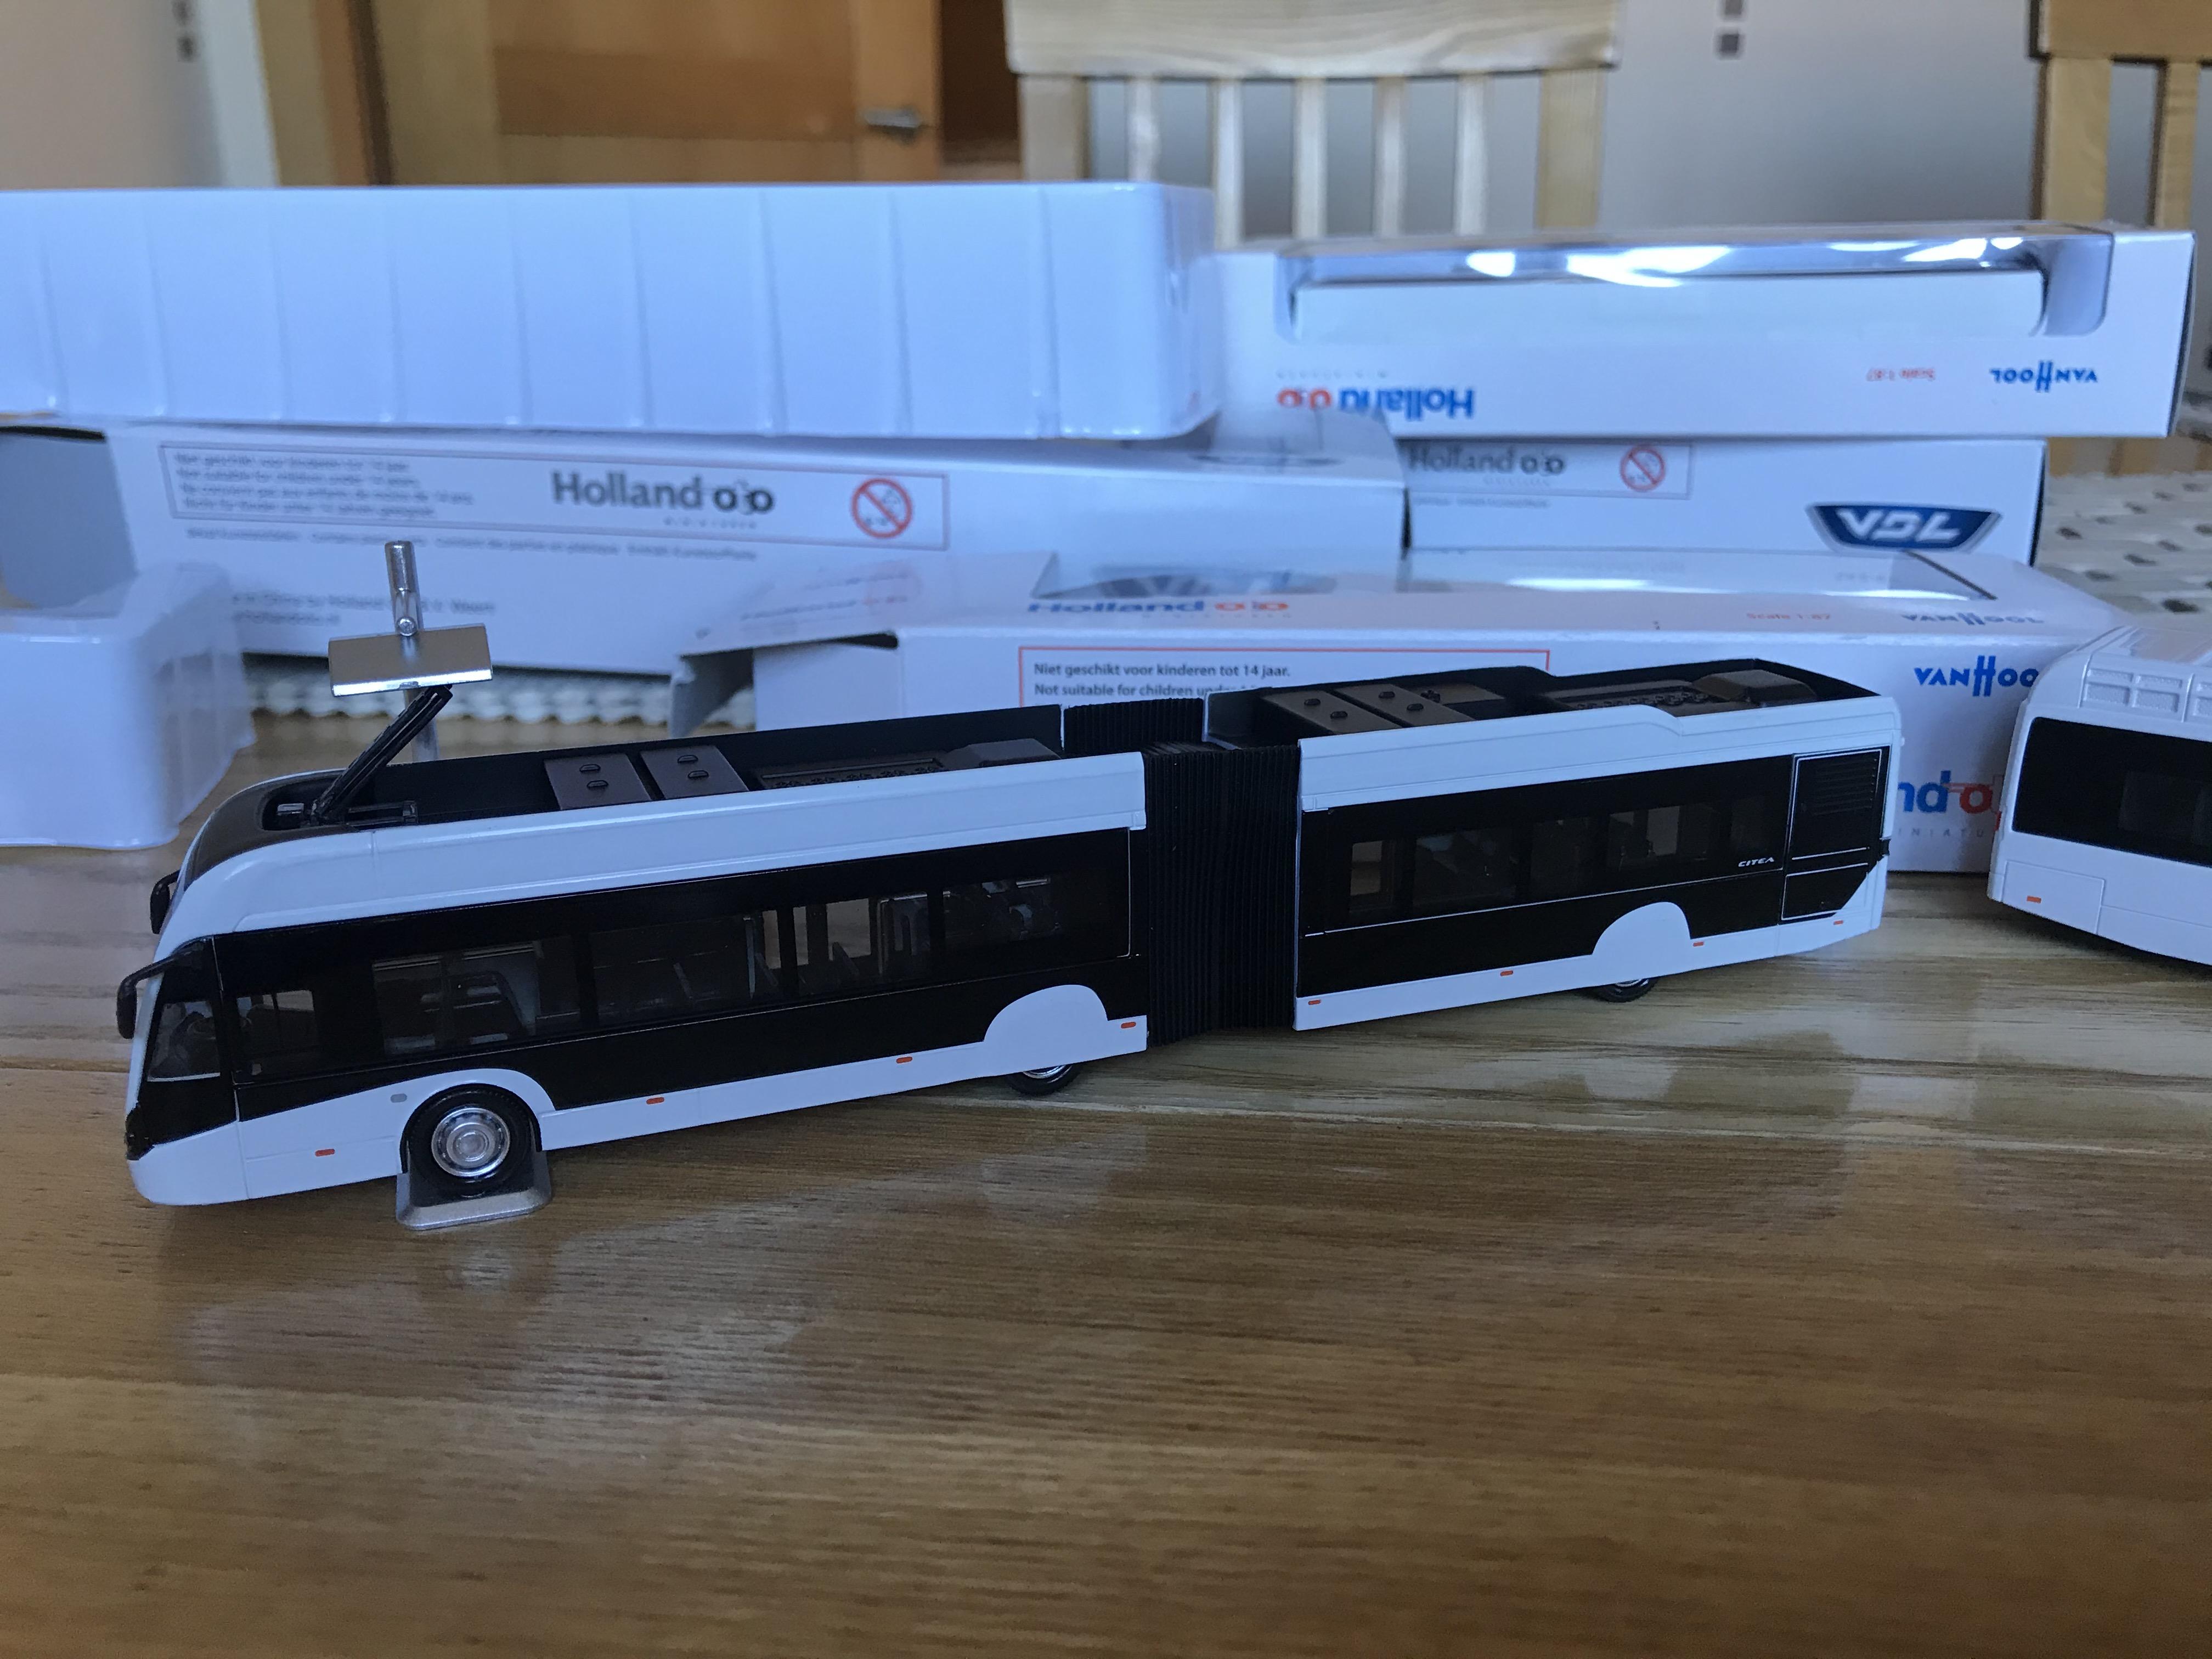 VDL Citea slfa 181 Electric blanco con mástil de carga-Holland Oto 8-1196